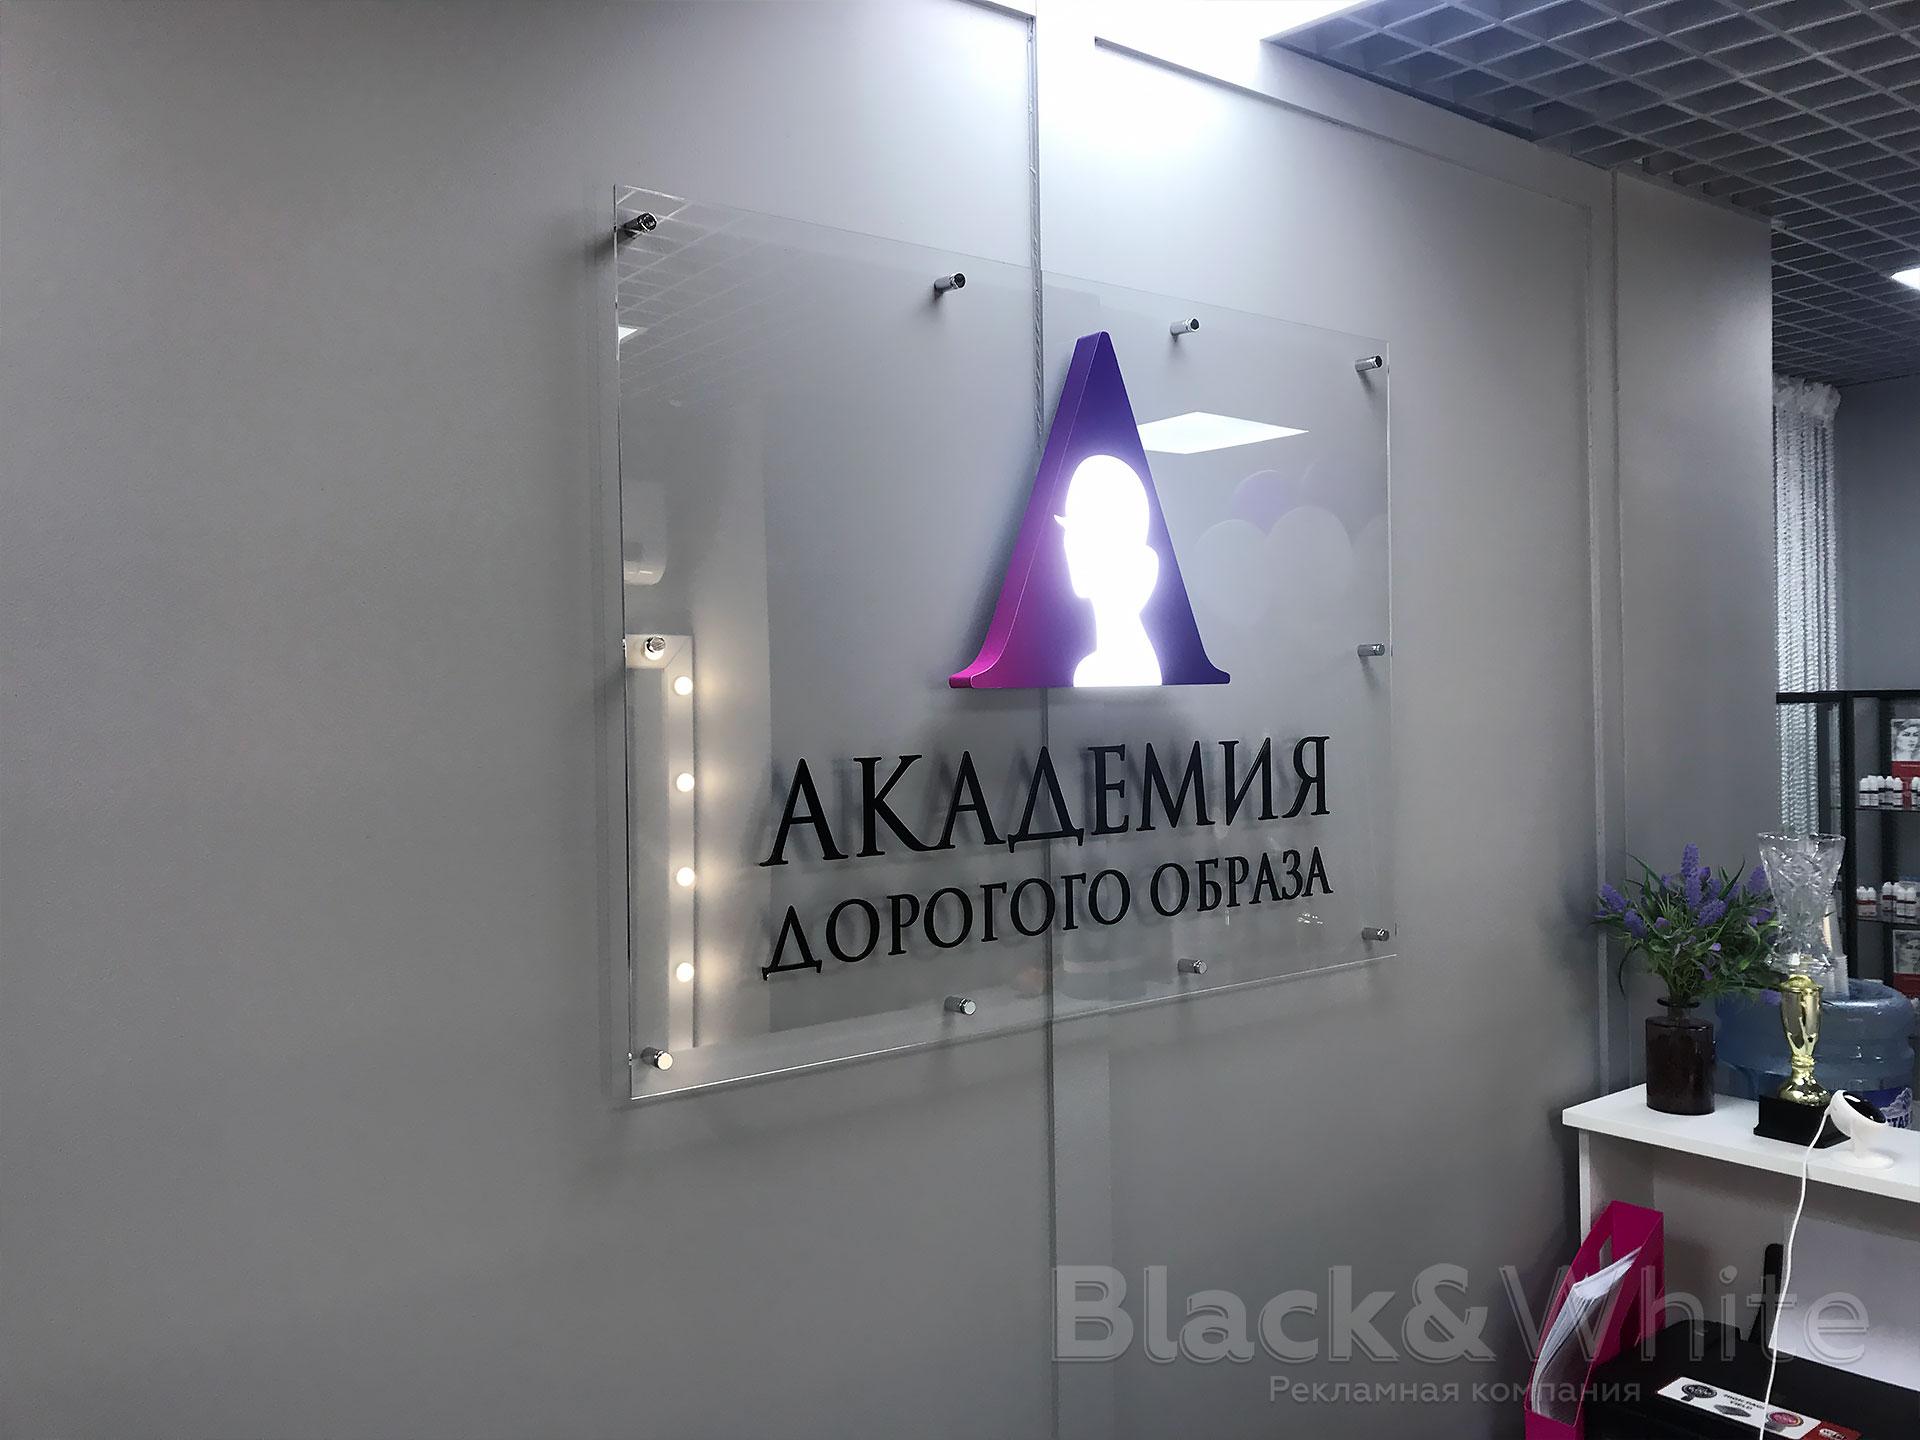 Интерьерная-вывеска-на-ресепшн-Академия-дорогого-образа-Black&White..jpg